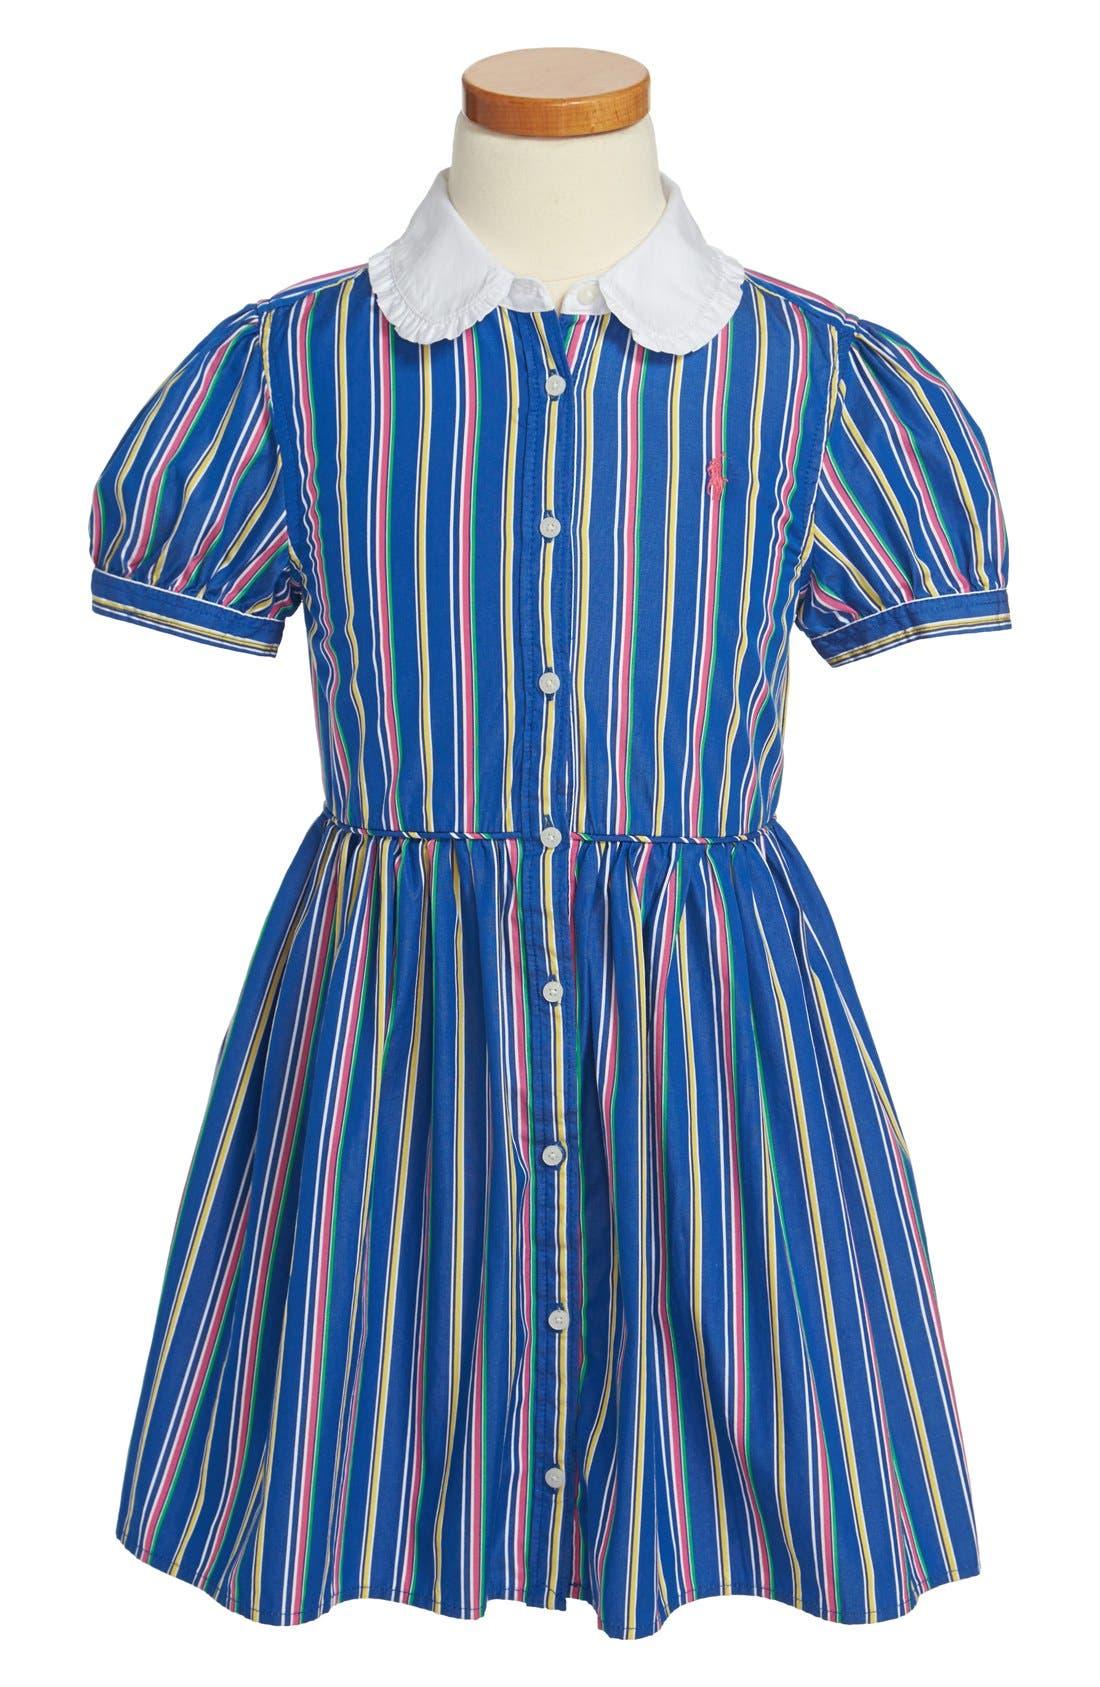 Alternate Image 1 Selected - Ralph Lauren Stripe Cotton Shirtdress (Little Girls)